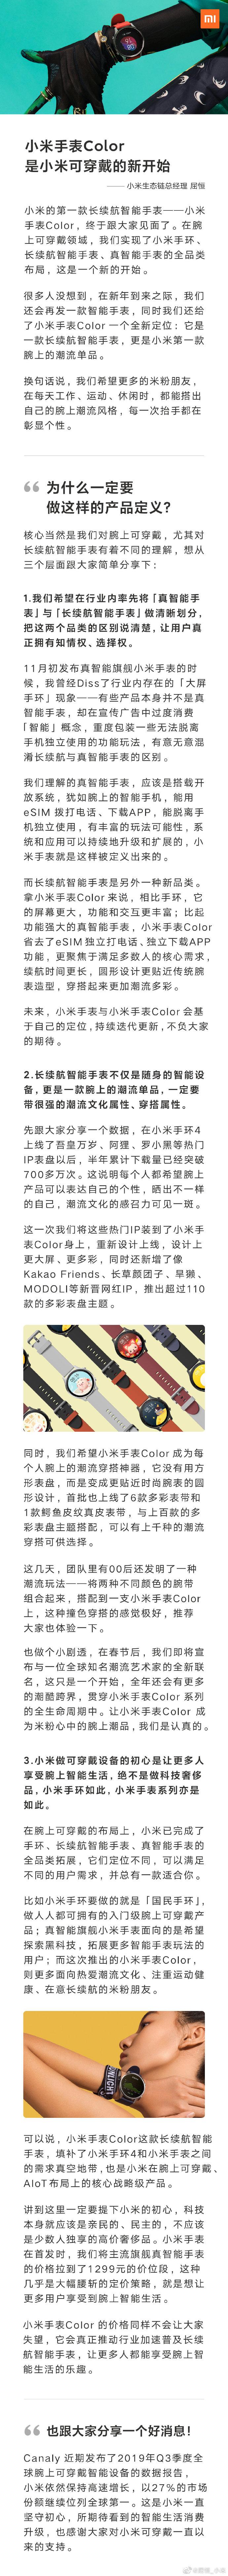 小米为什么一定要做智能穿戴产品